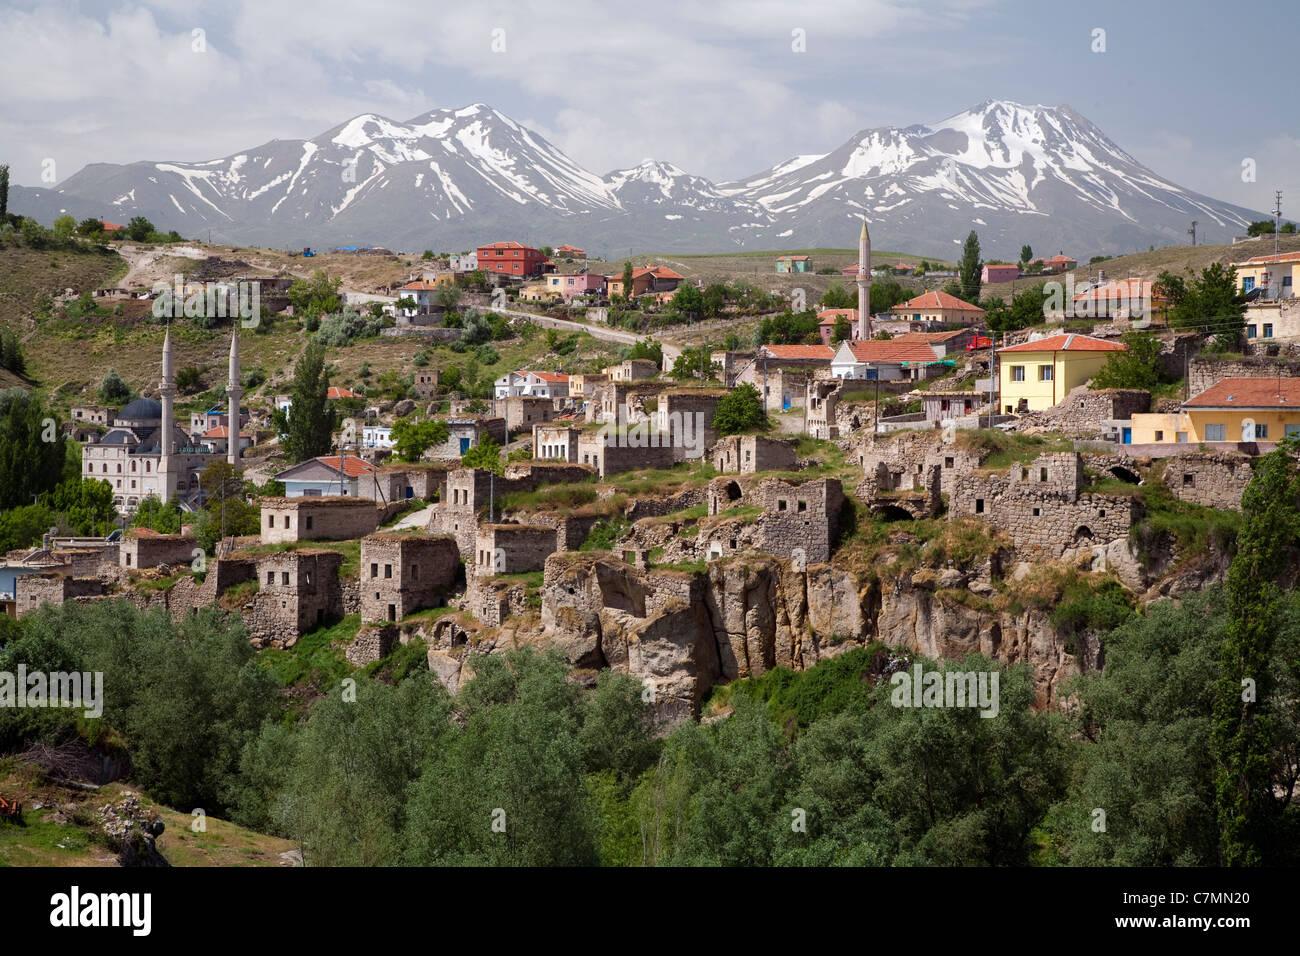 Scenic view of Ihlara town Nevsehir Turkey - Stock Image